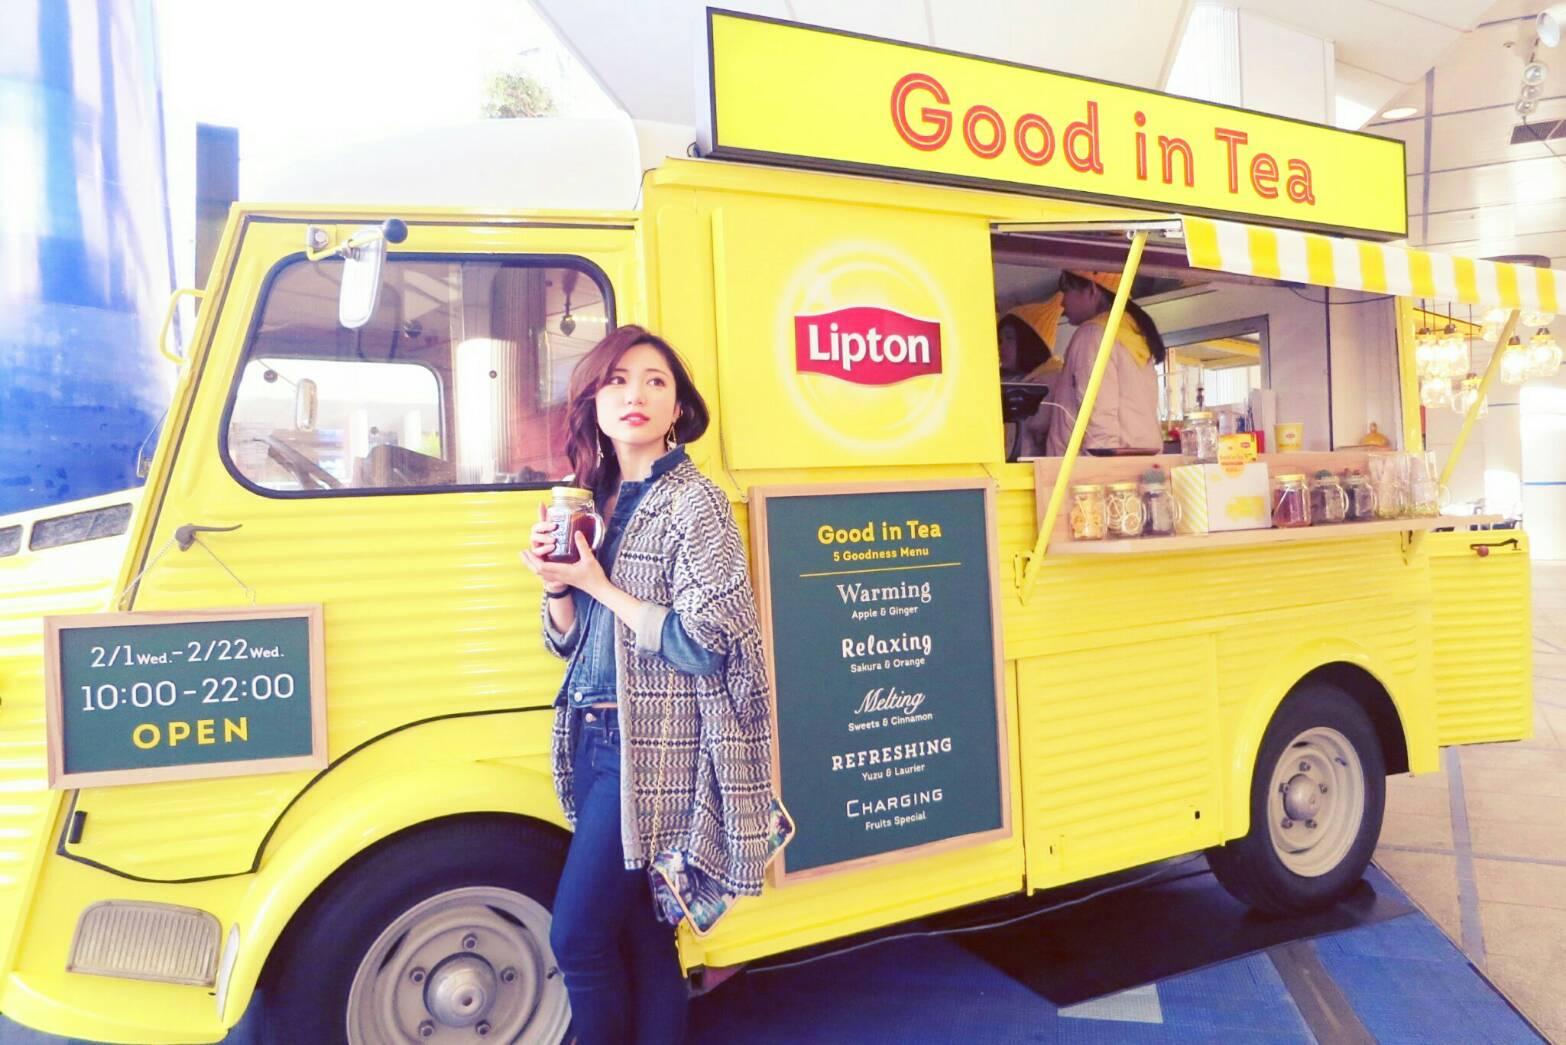 """冬は紅茶であったまろう!リプトン""""Good in Tea""""が名古屋栄に登場! - 20170202012414 1"""